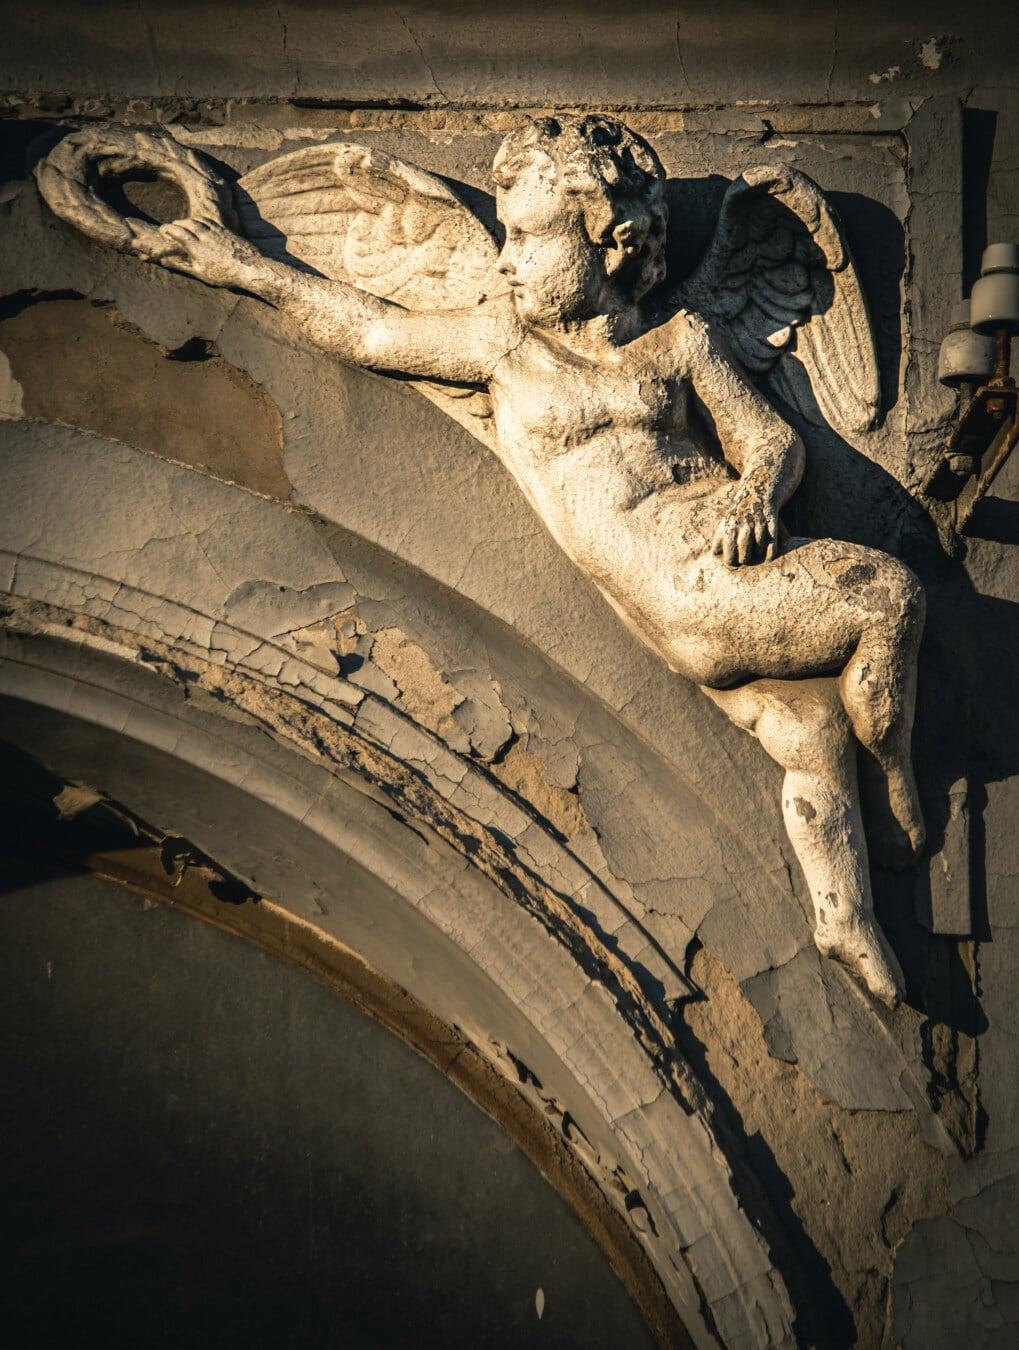 Engel, weiß, untergeordnete, Flügel, Kunst, Barock, Fassade, Wiedergeburt, Architektur, Skulptur